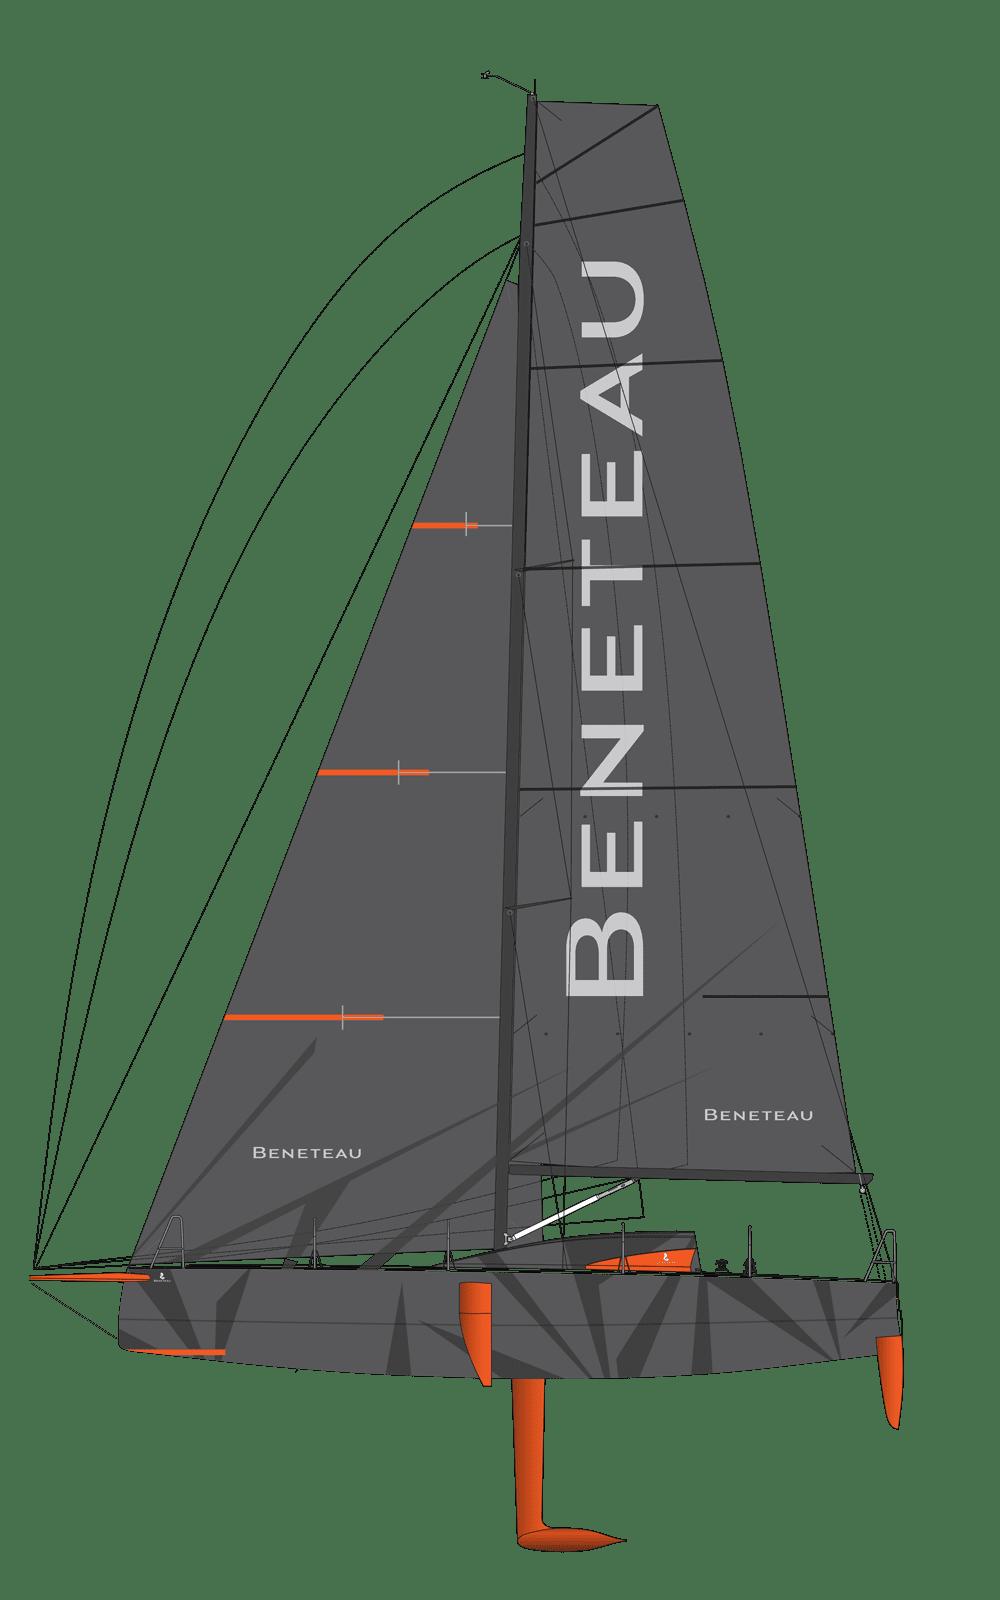 Beneteau Figaro Range Line Drawing